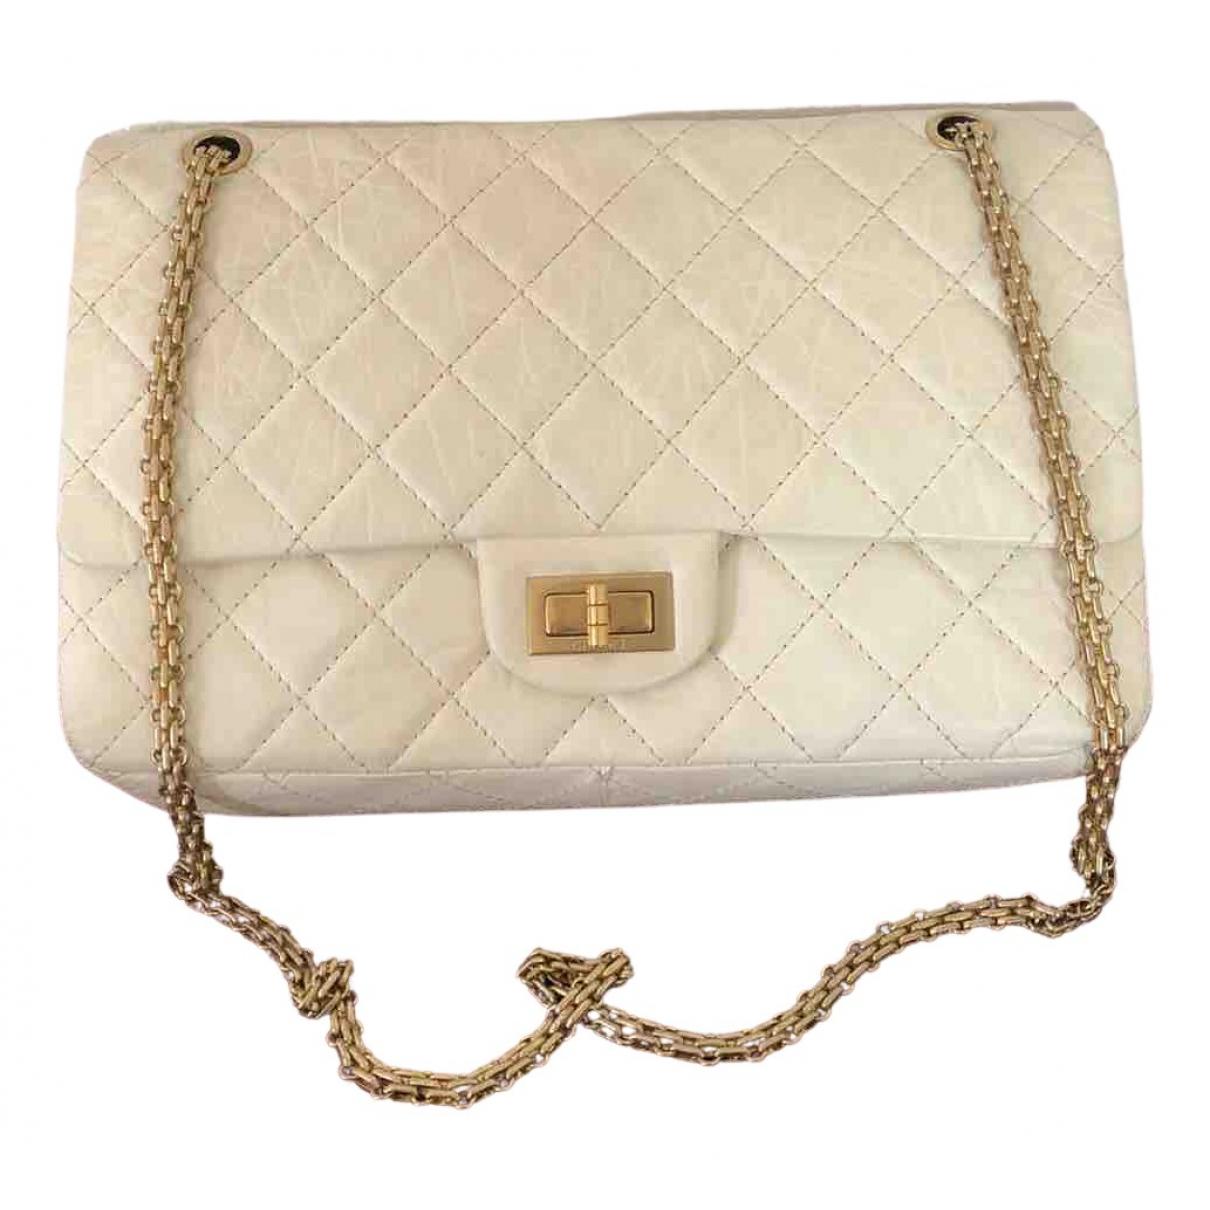 Chanel 2.55 Handtasche in  Weiss Leder